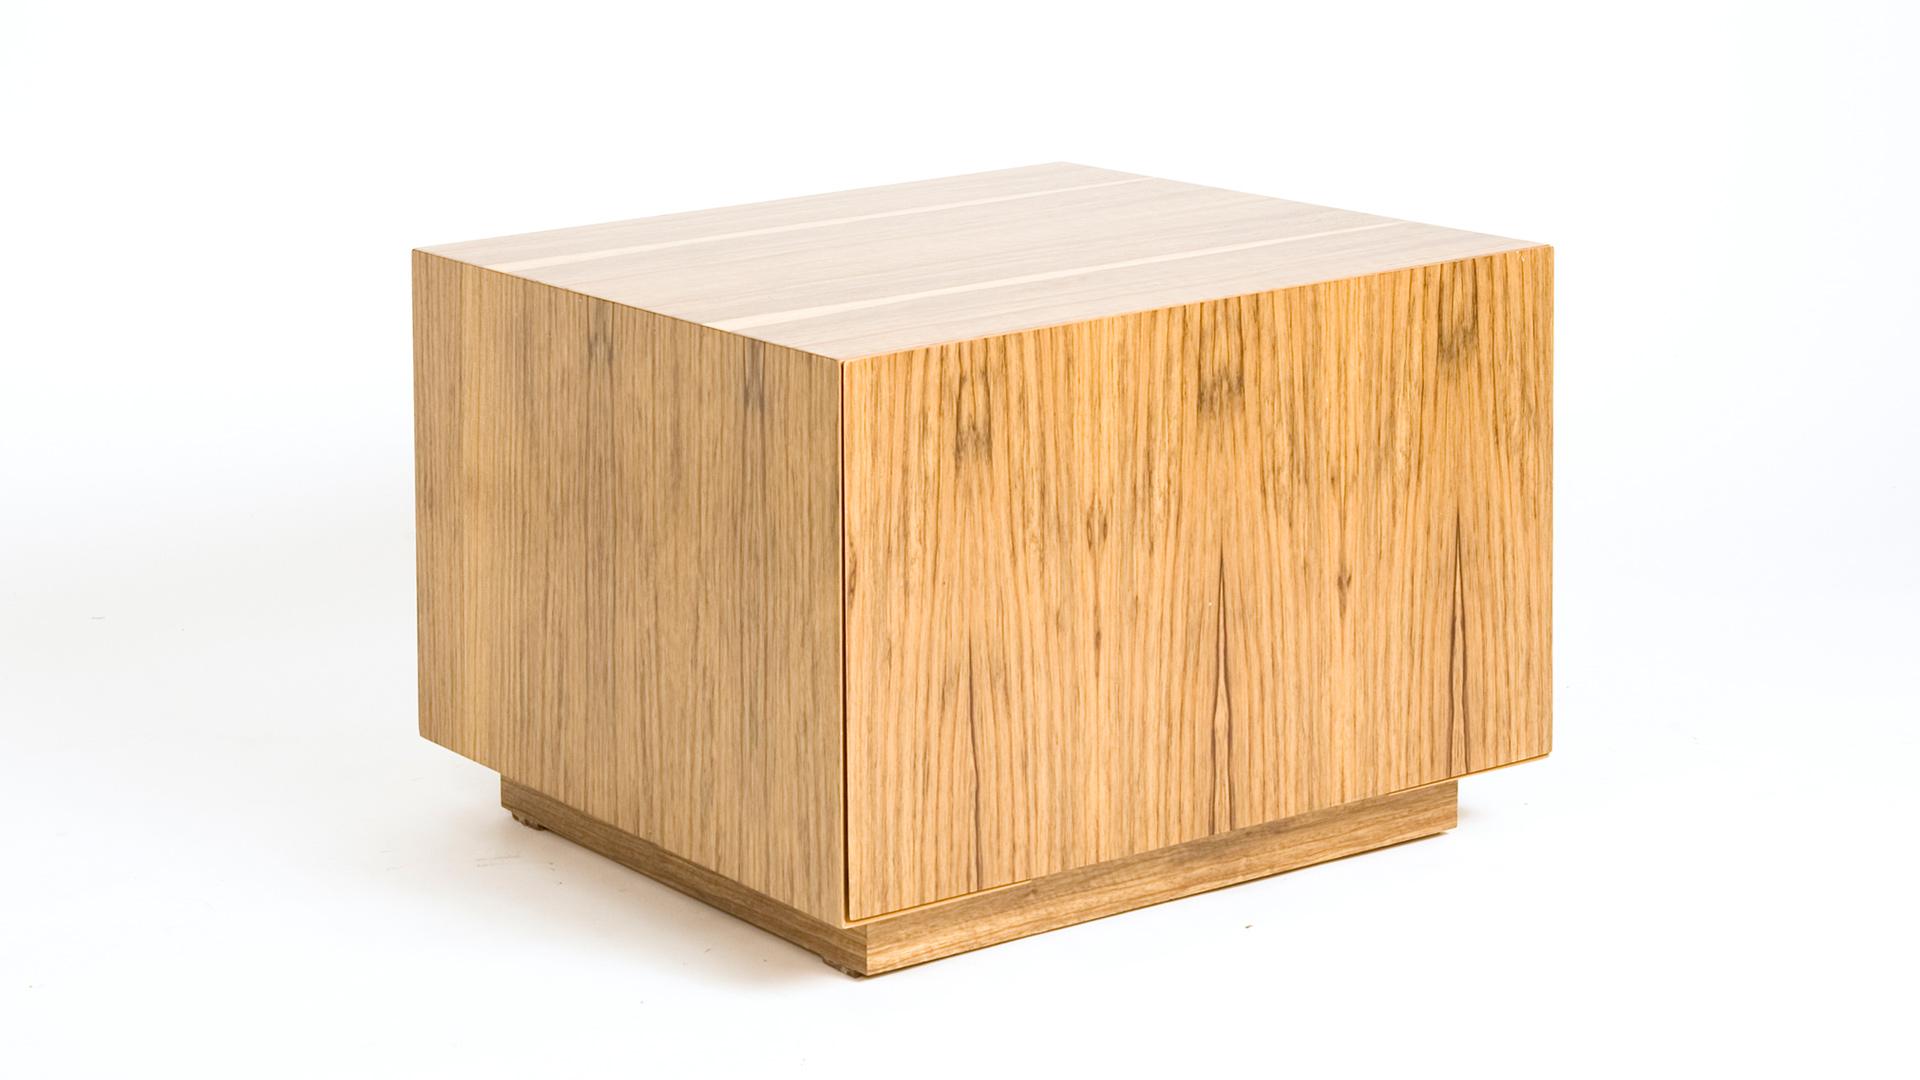 שולחן קלאסי המשלב בתוכו מגירה